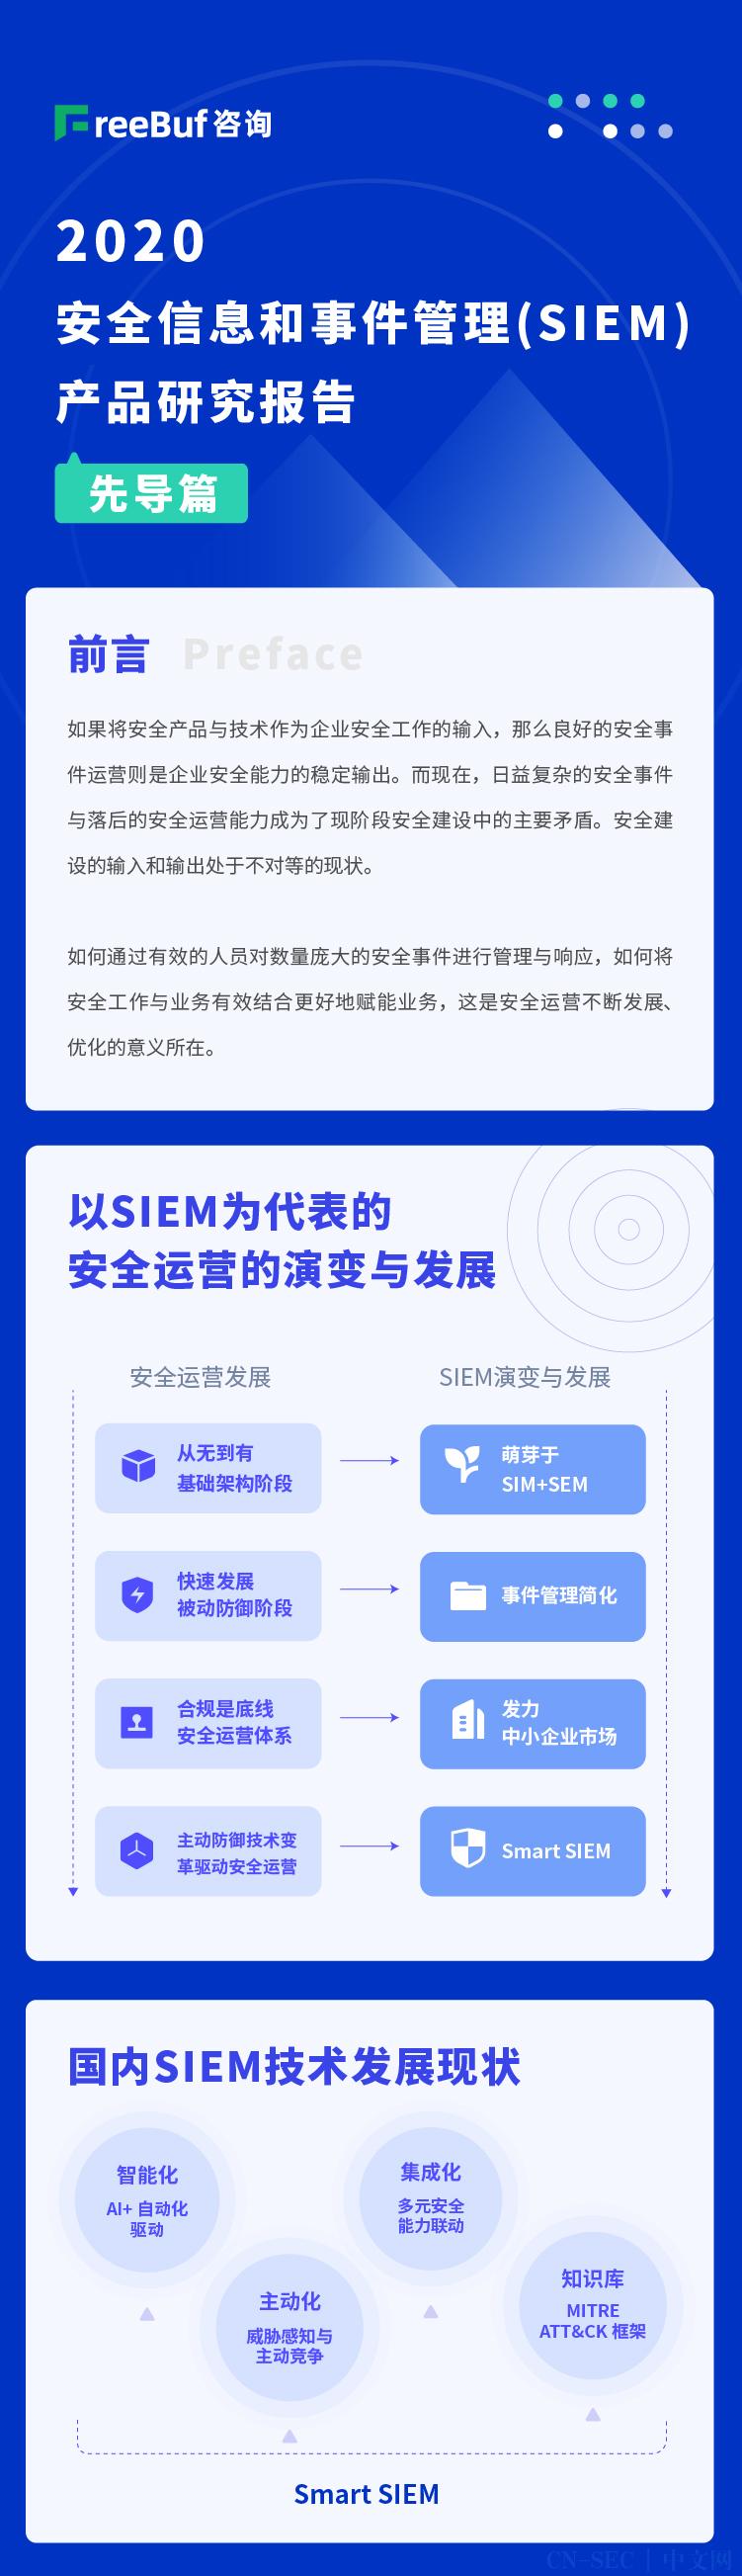 先导篇 | 《2020安全信息和事件管理(SIEM)研究报告》即将发布